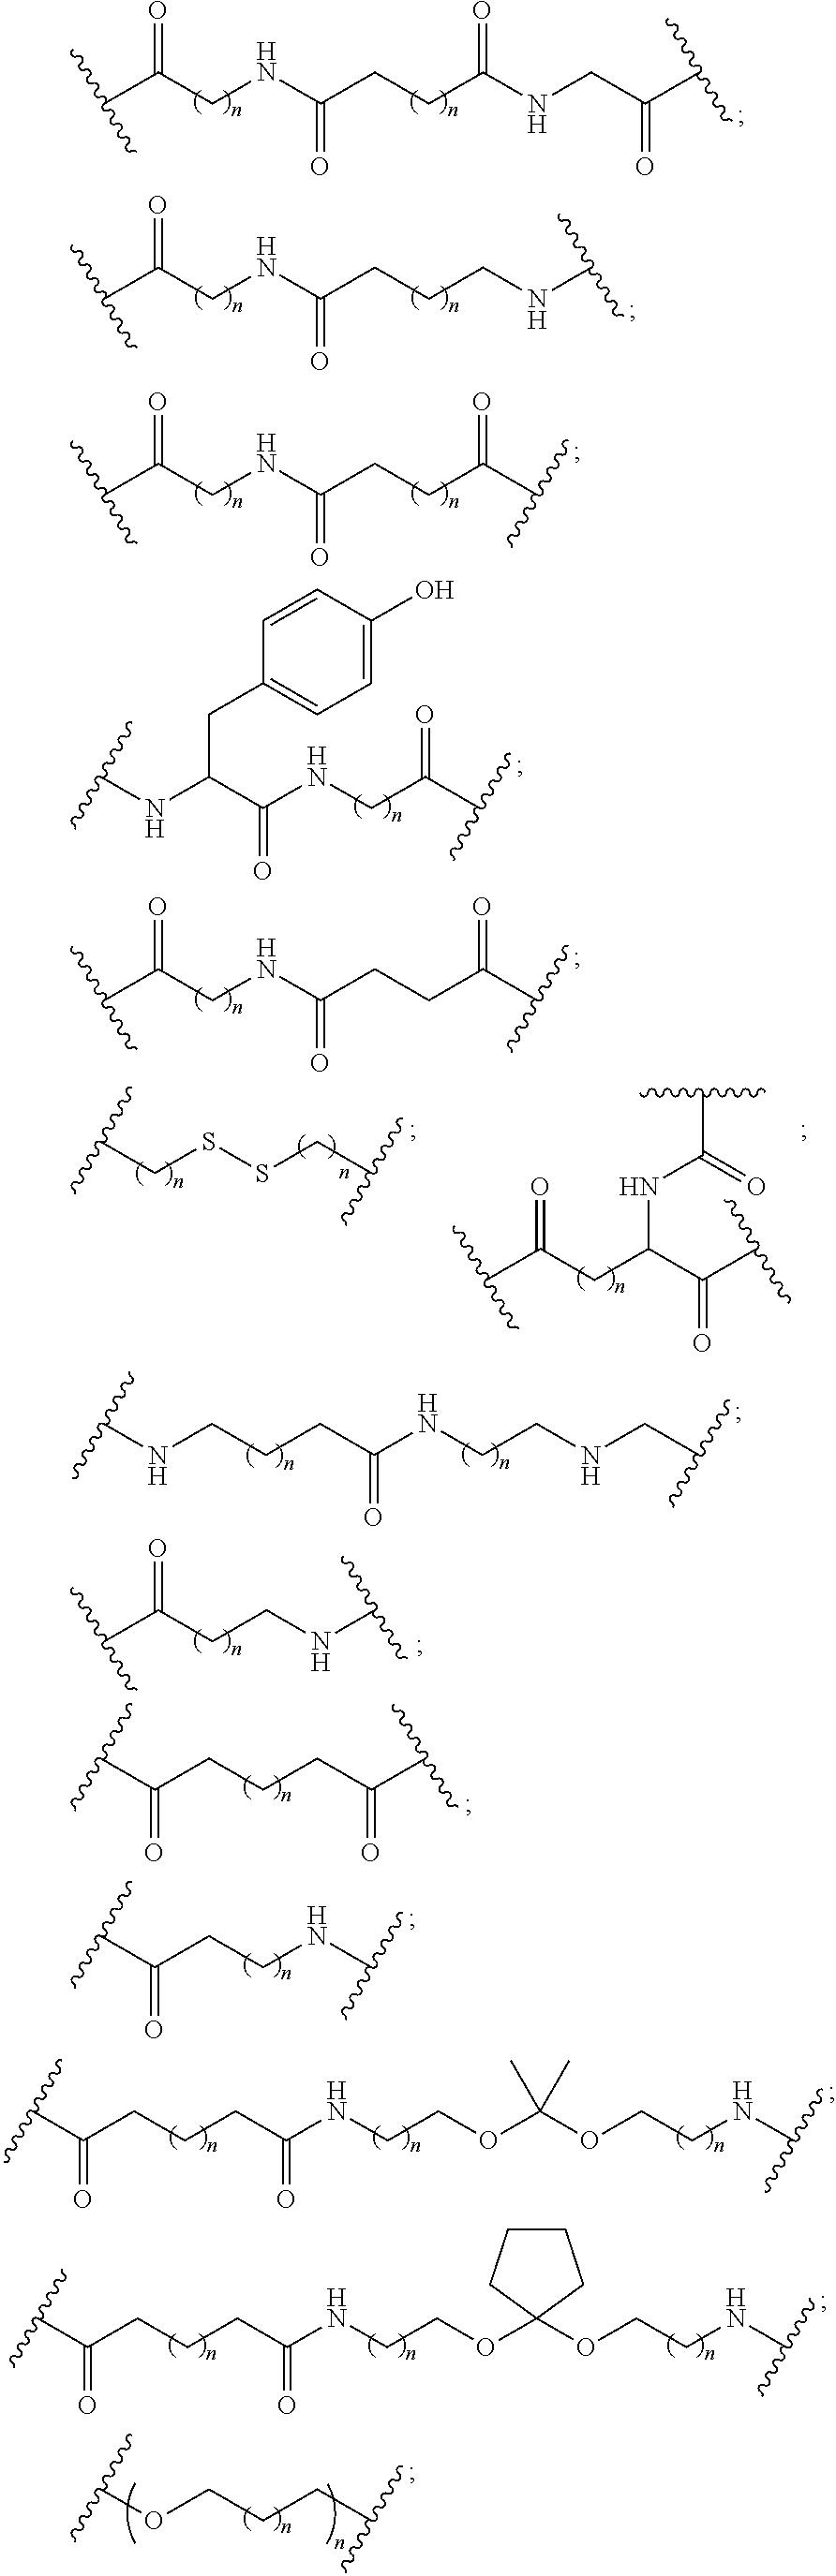 Figure US09932580-20180403-C00024